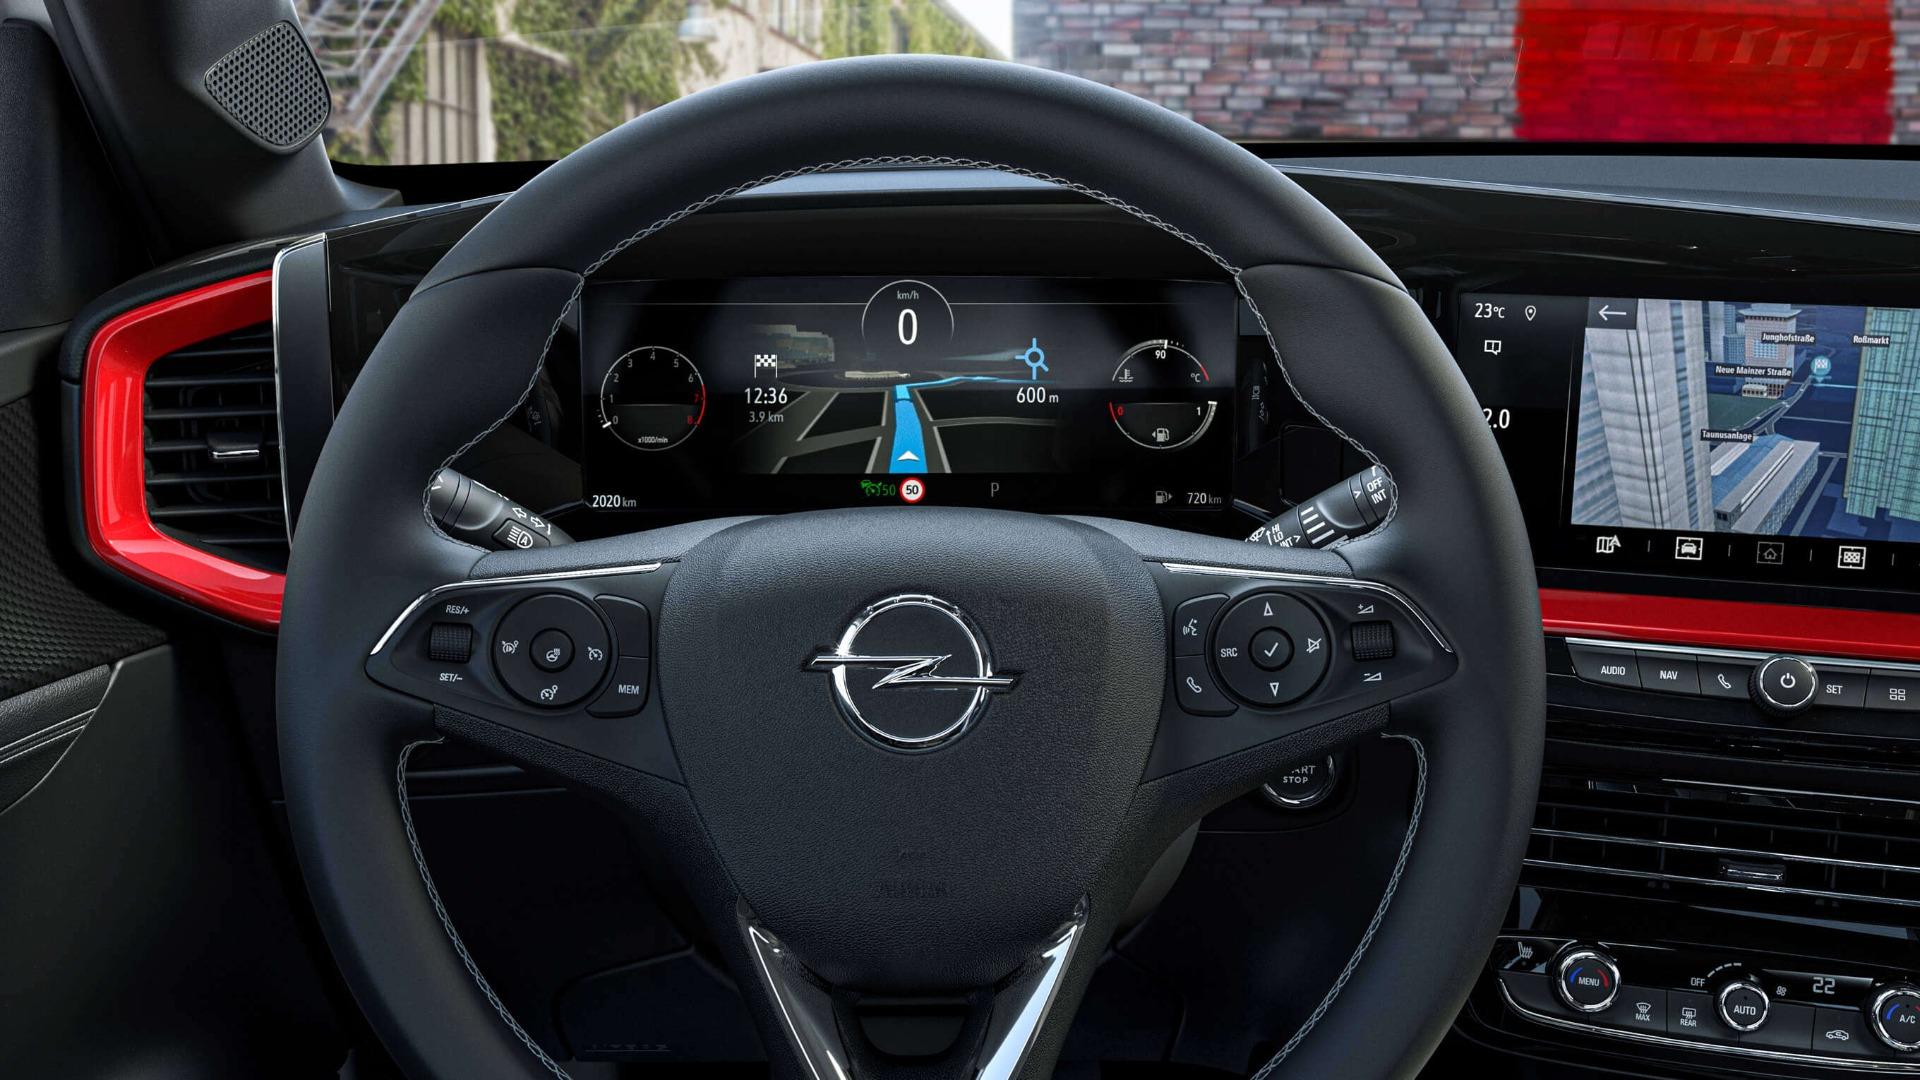 Opel Mokka, цифрова панель приладів